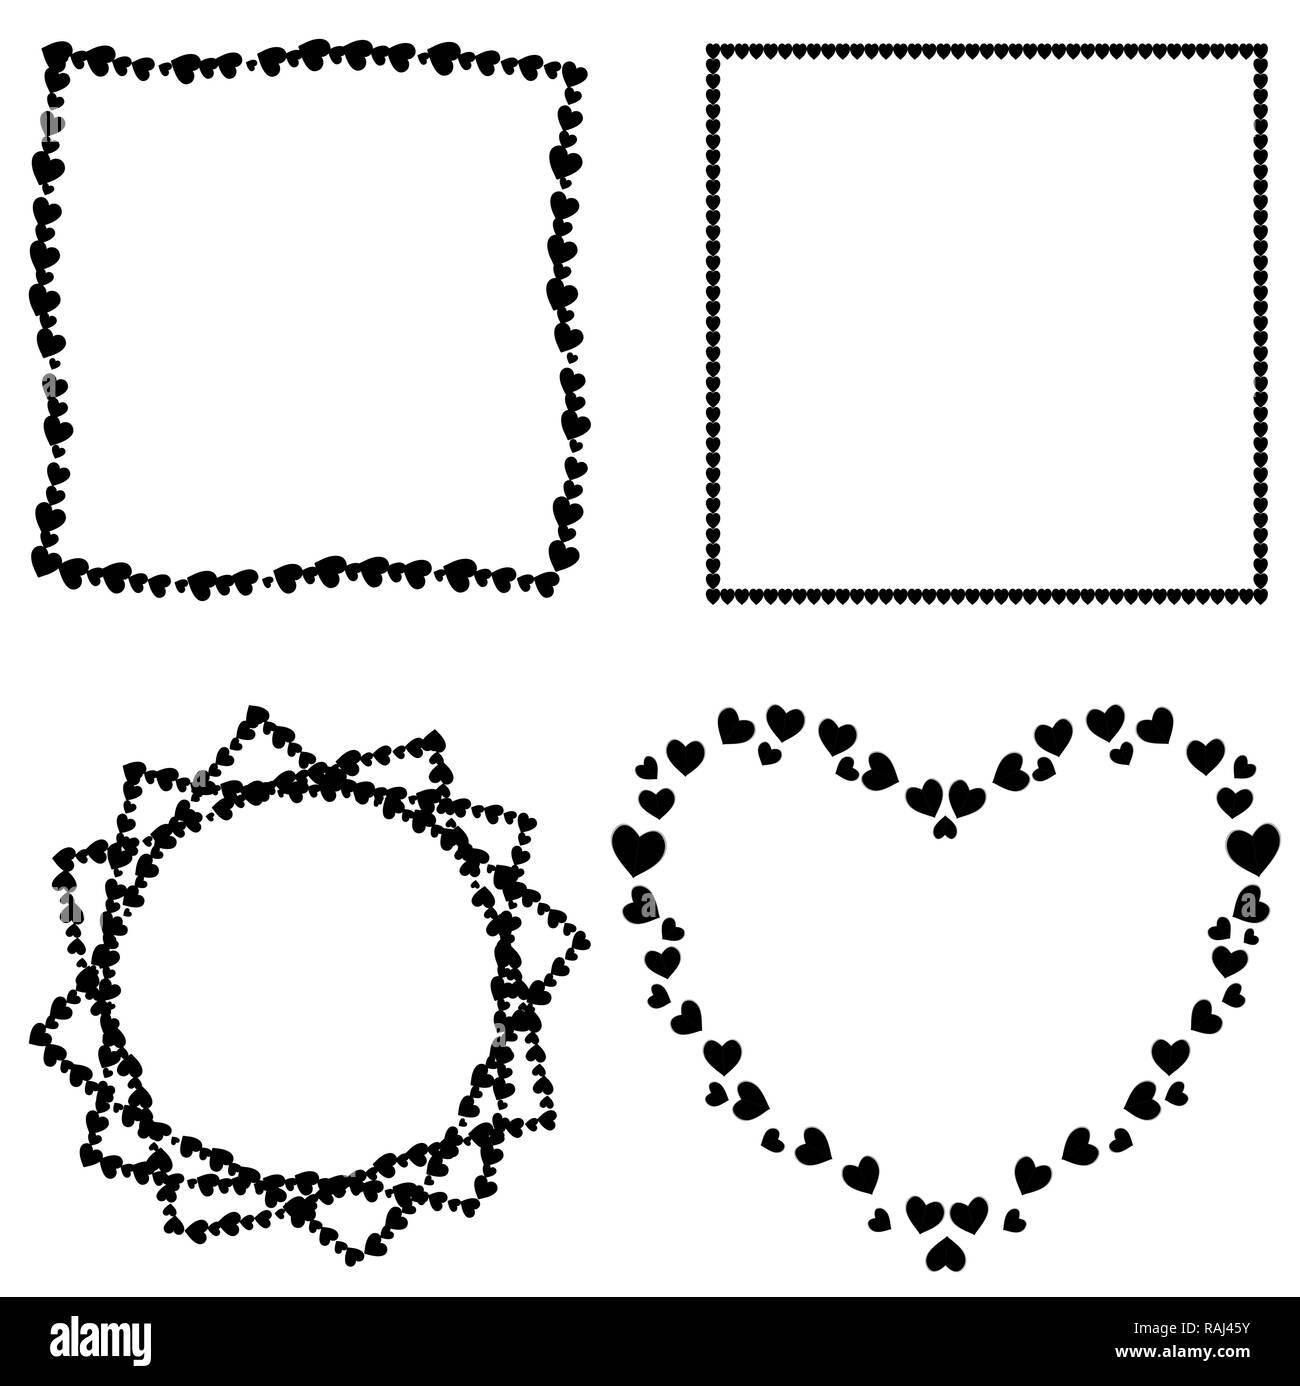 Jeu de cute black love coeur photo pour la saint valentin mariage motif romantique mod le de - Coeur pour la saint valentin ...